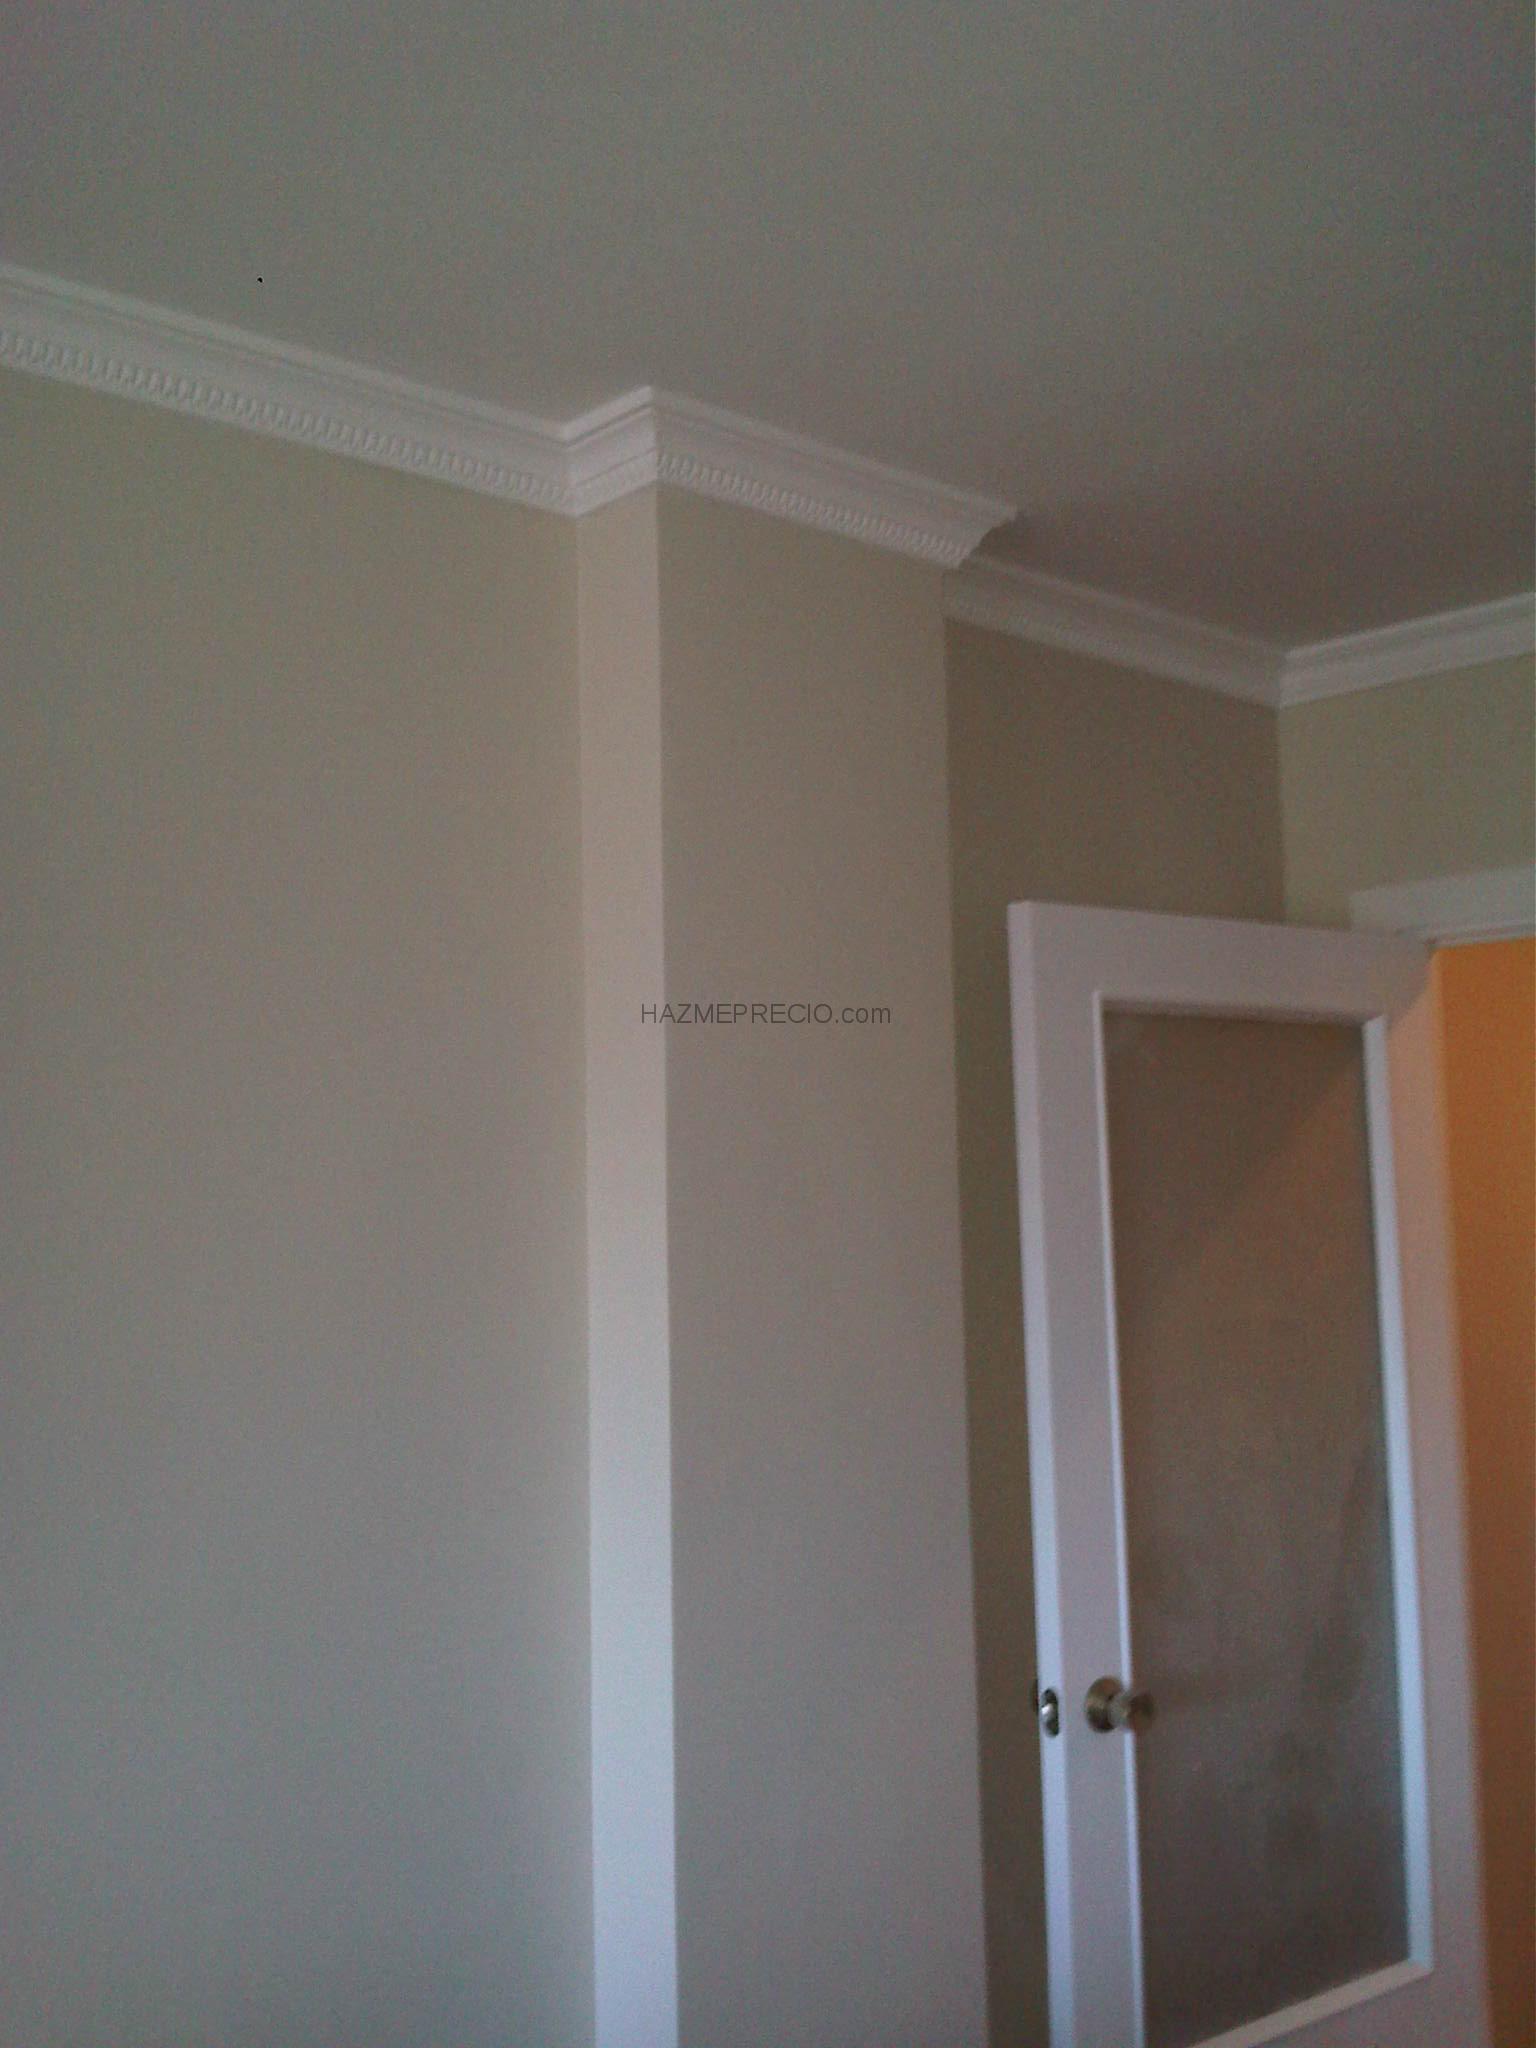 Presupuesto para poner ventana en pared de pladur - Precios de pladur ...